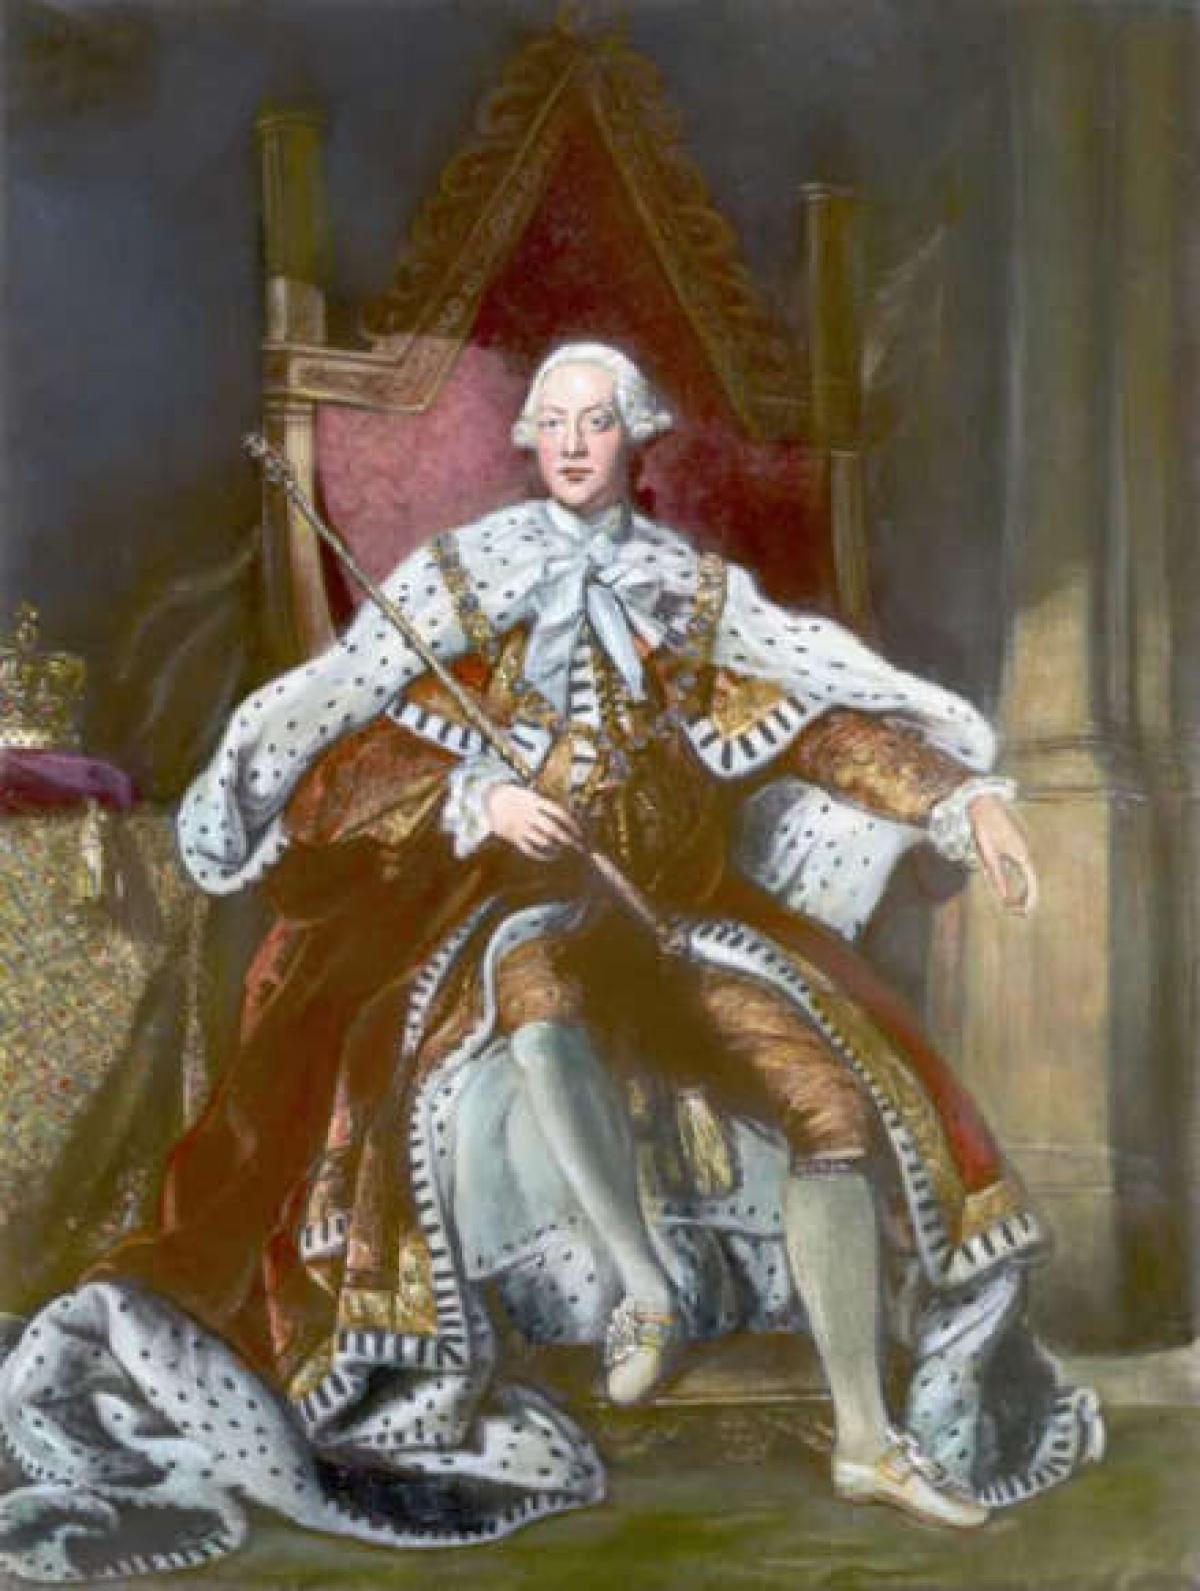 Vua George III của Anh. Lên ngôi vào năm 1760, Vua George III cũng nằm trong danh sách các quân vương của Anh trị vì lâu nhất. Ông đã từng nghiên cứu khoa học, nông nghiệp và thành lập Học viện Nghệ thuật Hoàng gia Anh. Vua George III đã trị vì trong 59 năm.